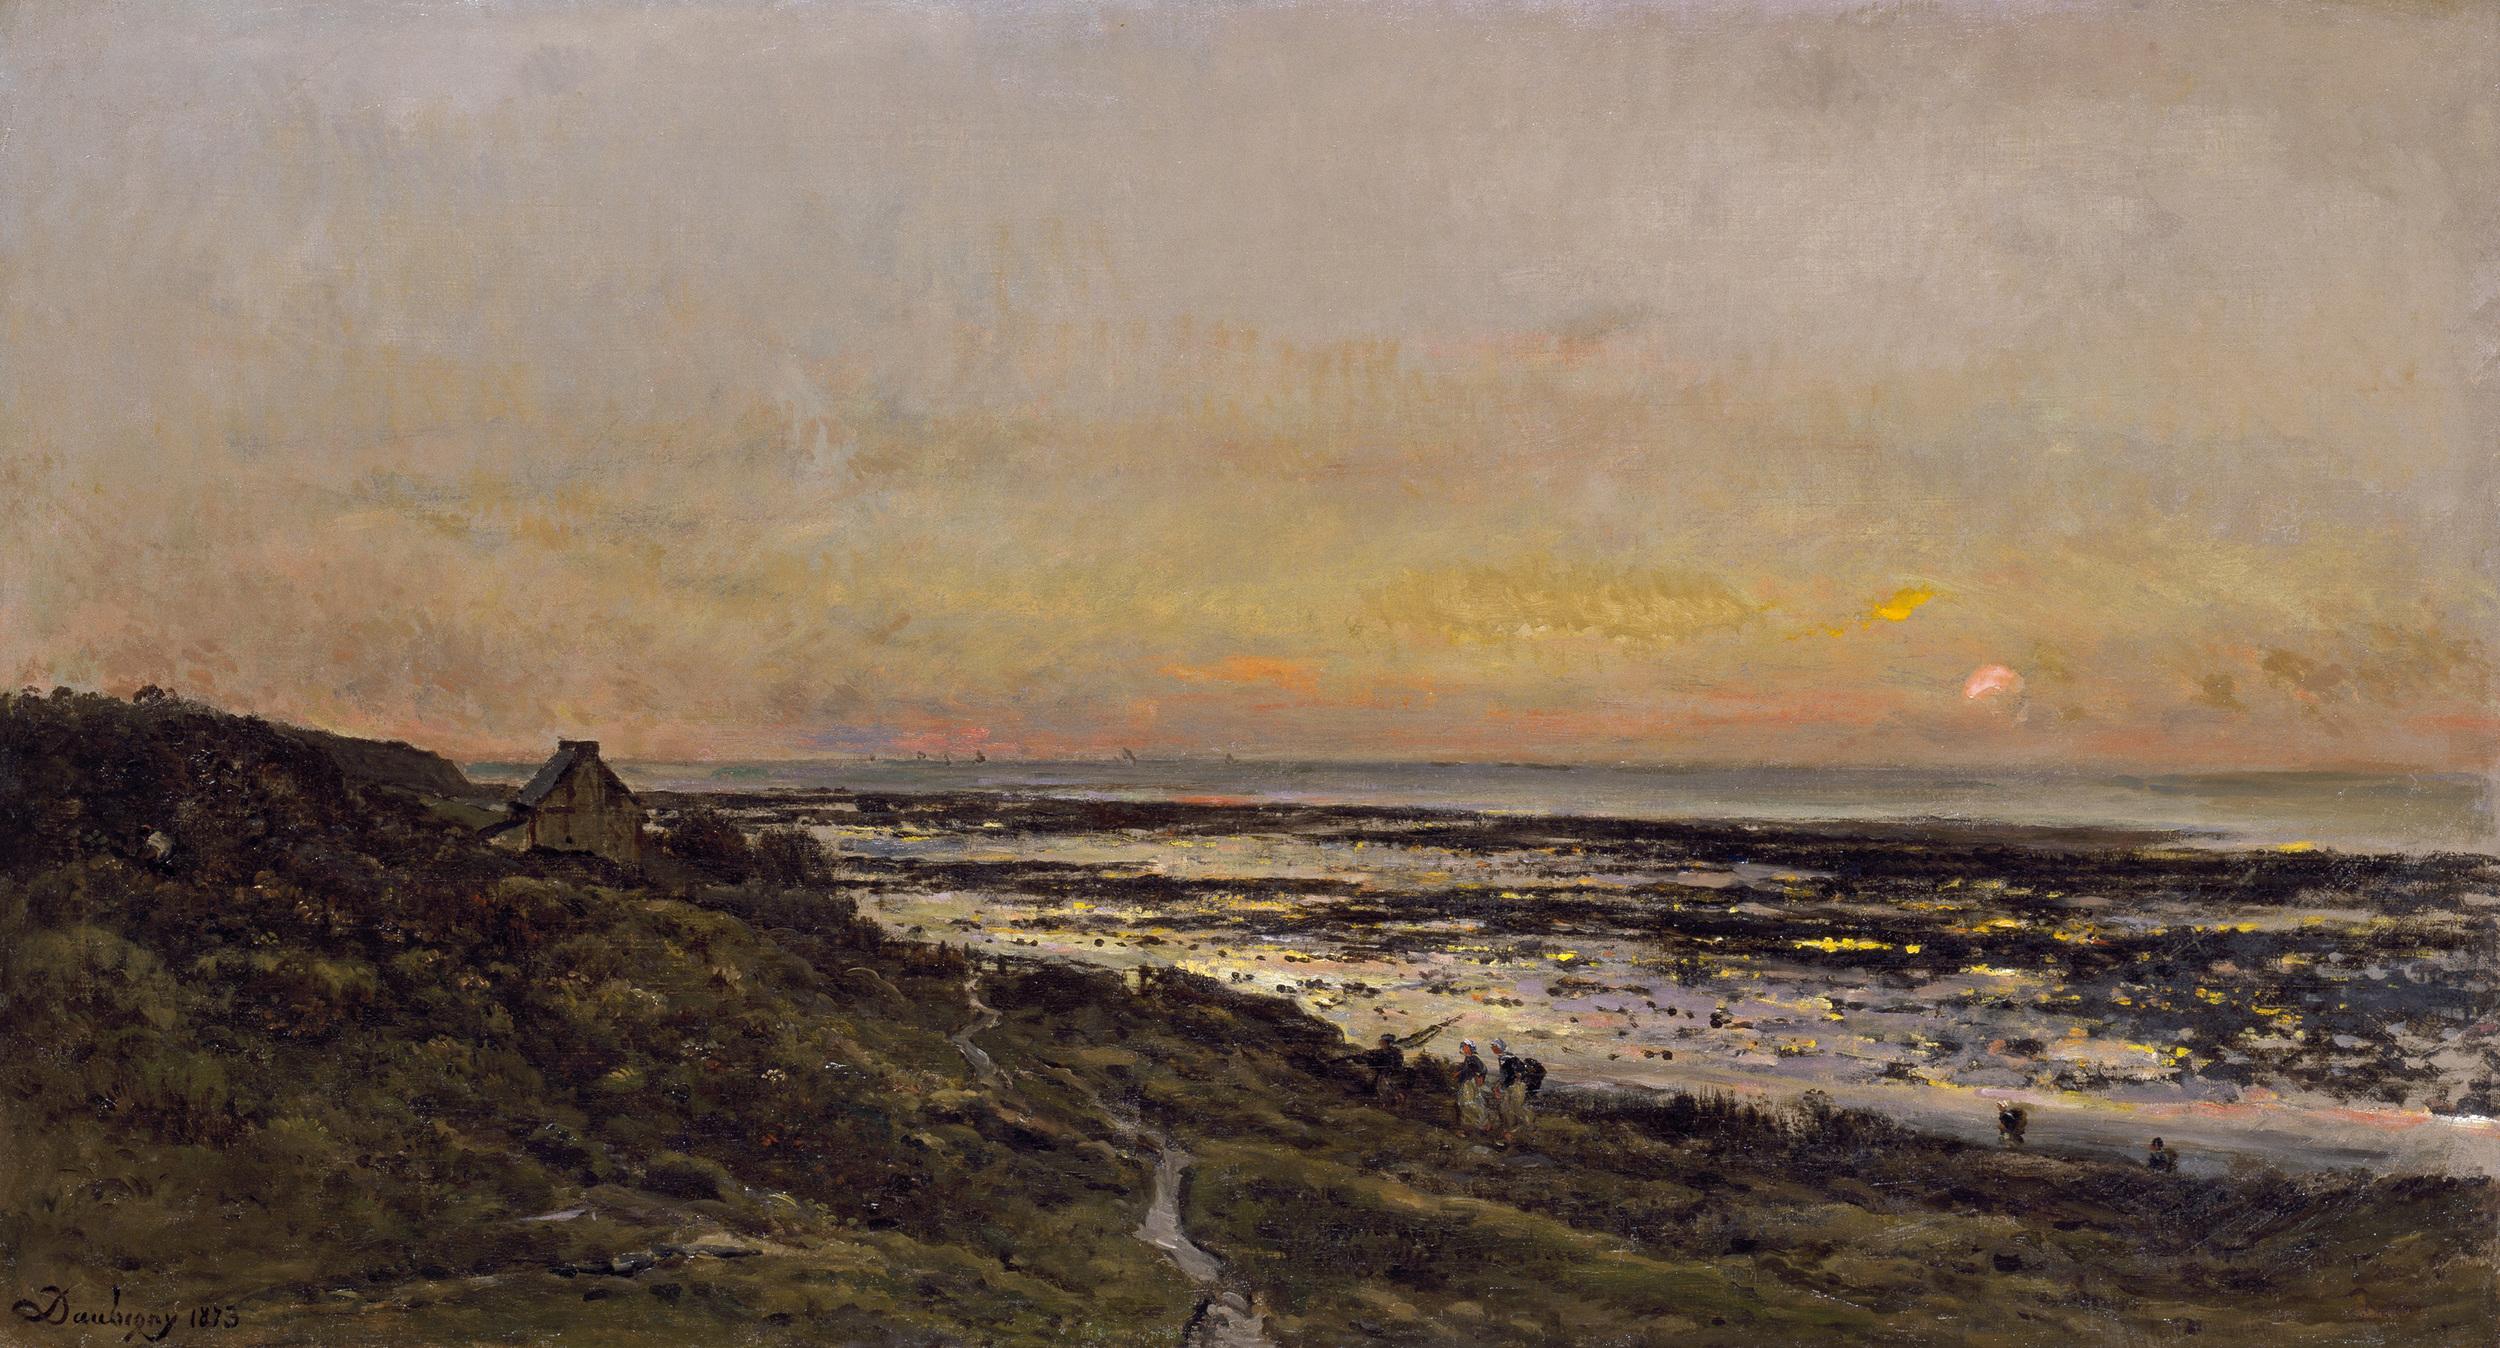 Charles François Daubigny, The Beach at Villerville at Sunset, 1873, oil on canvas. Chrysler Museum of Art, Norfolk, Virginia, Gift of Walter P. Chrysler, Jr.